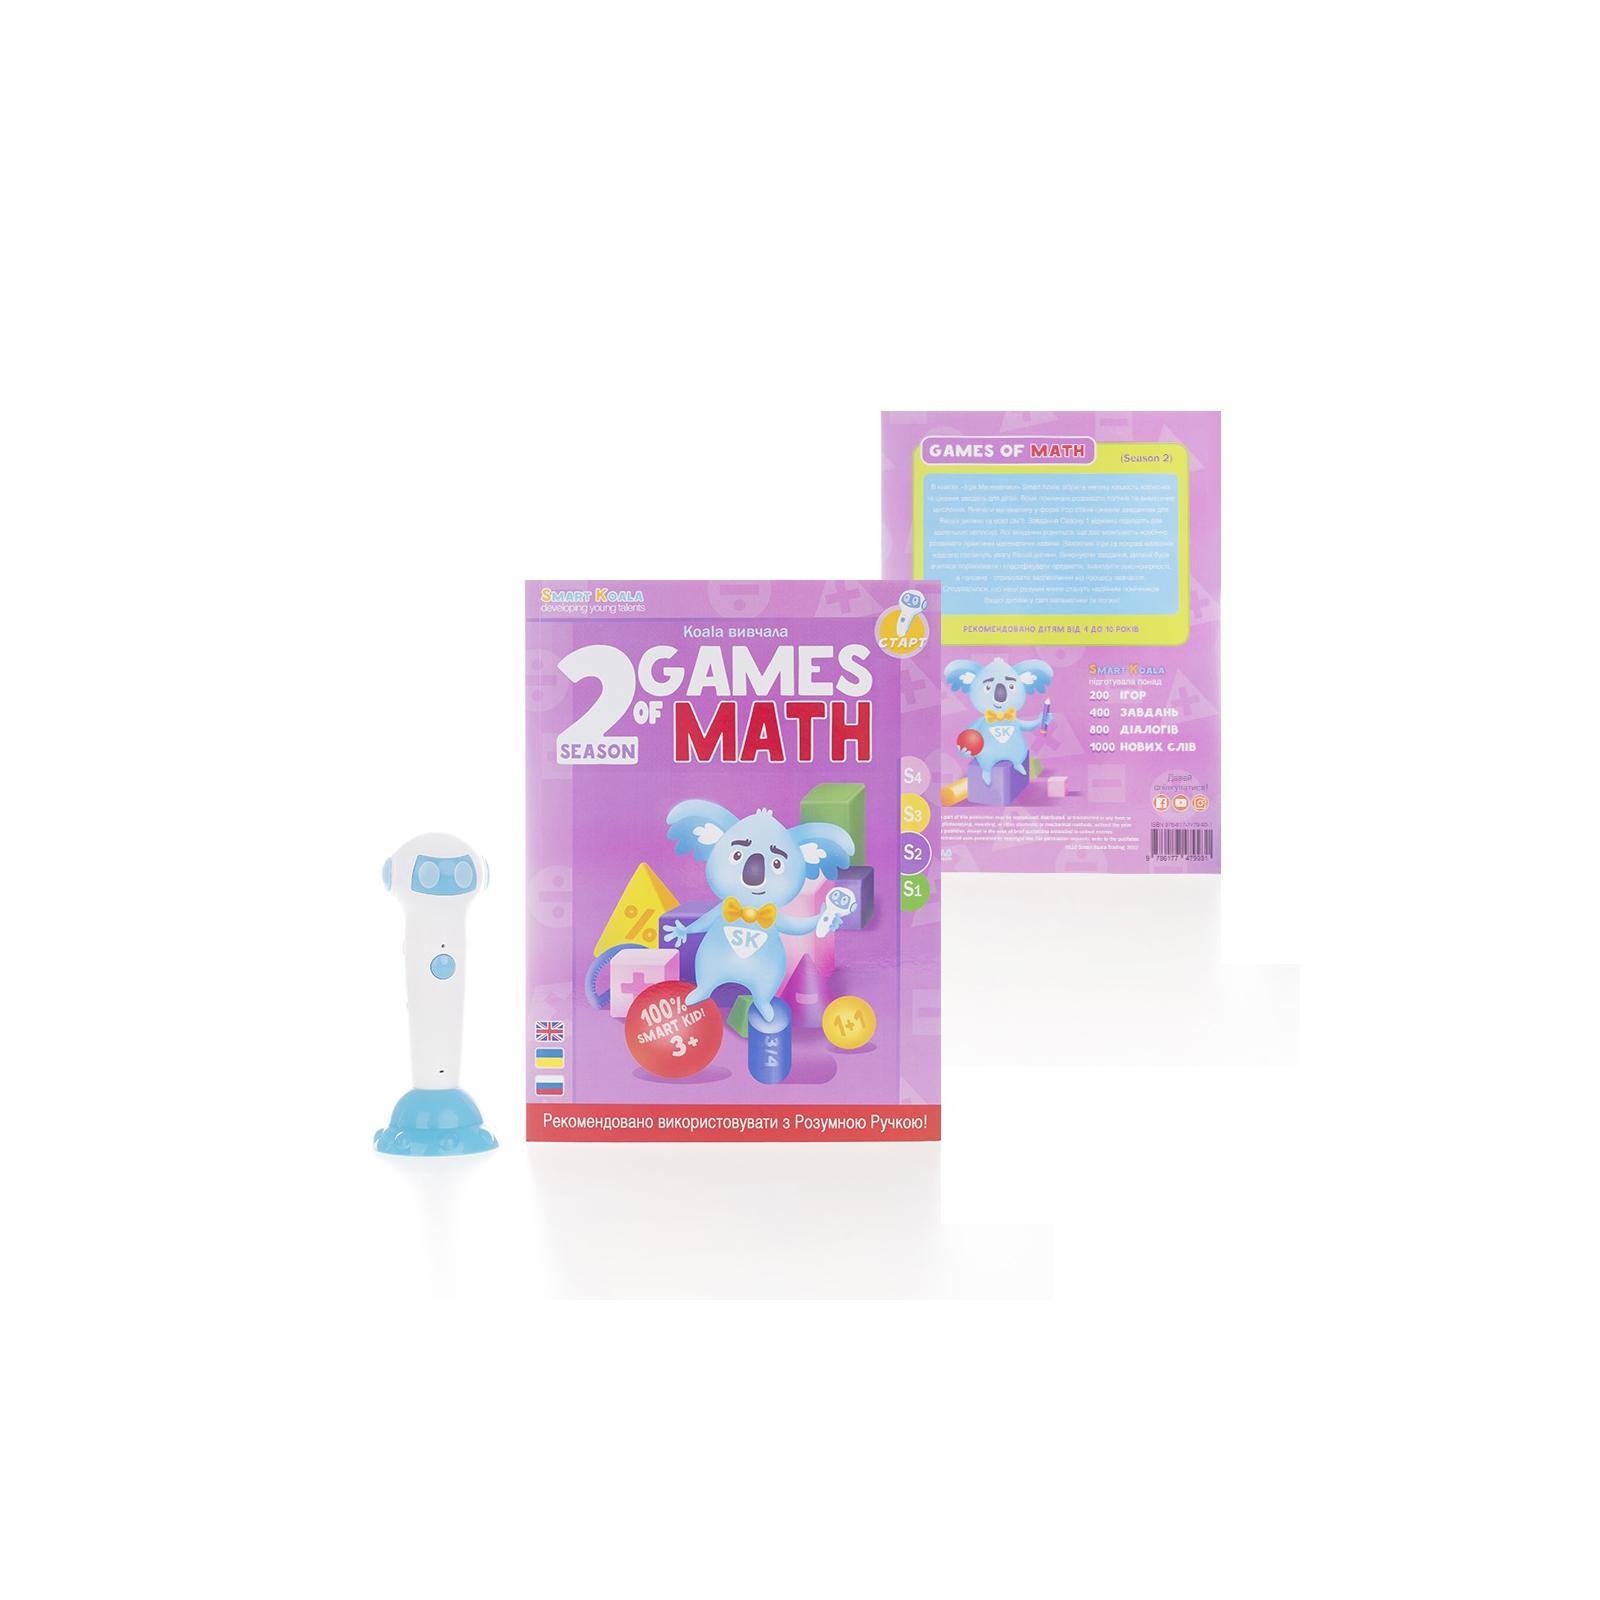 Интерактивная игрушка Smart Koala развивающая книга The Games of Math (Season 2) №2 (SKBGMS2) изображение 2